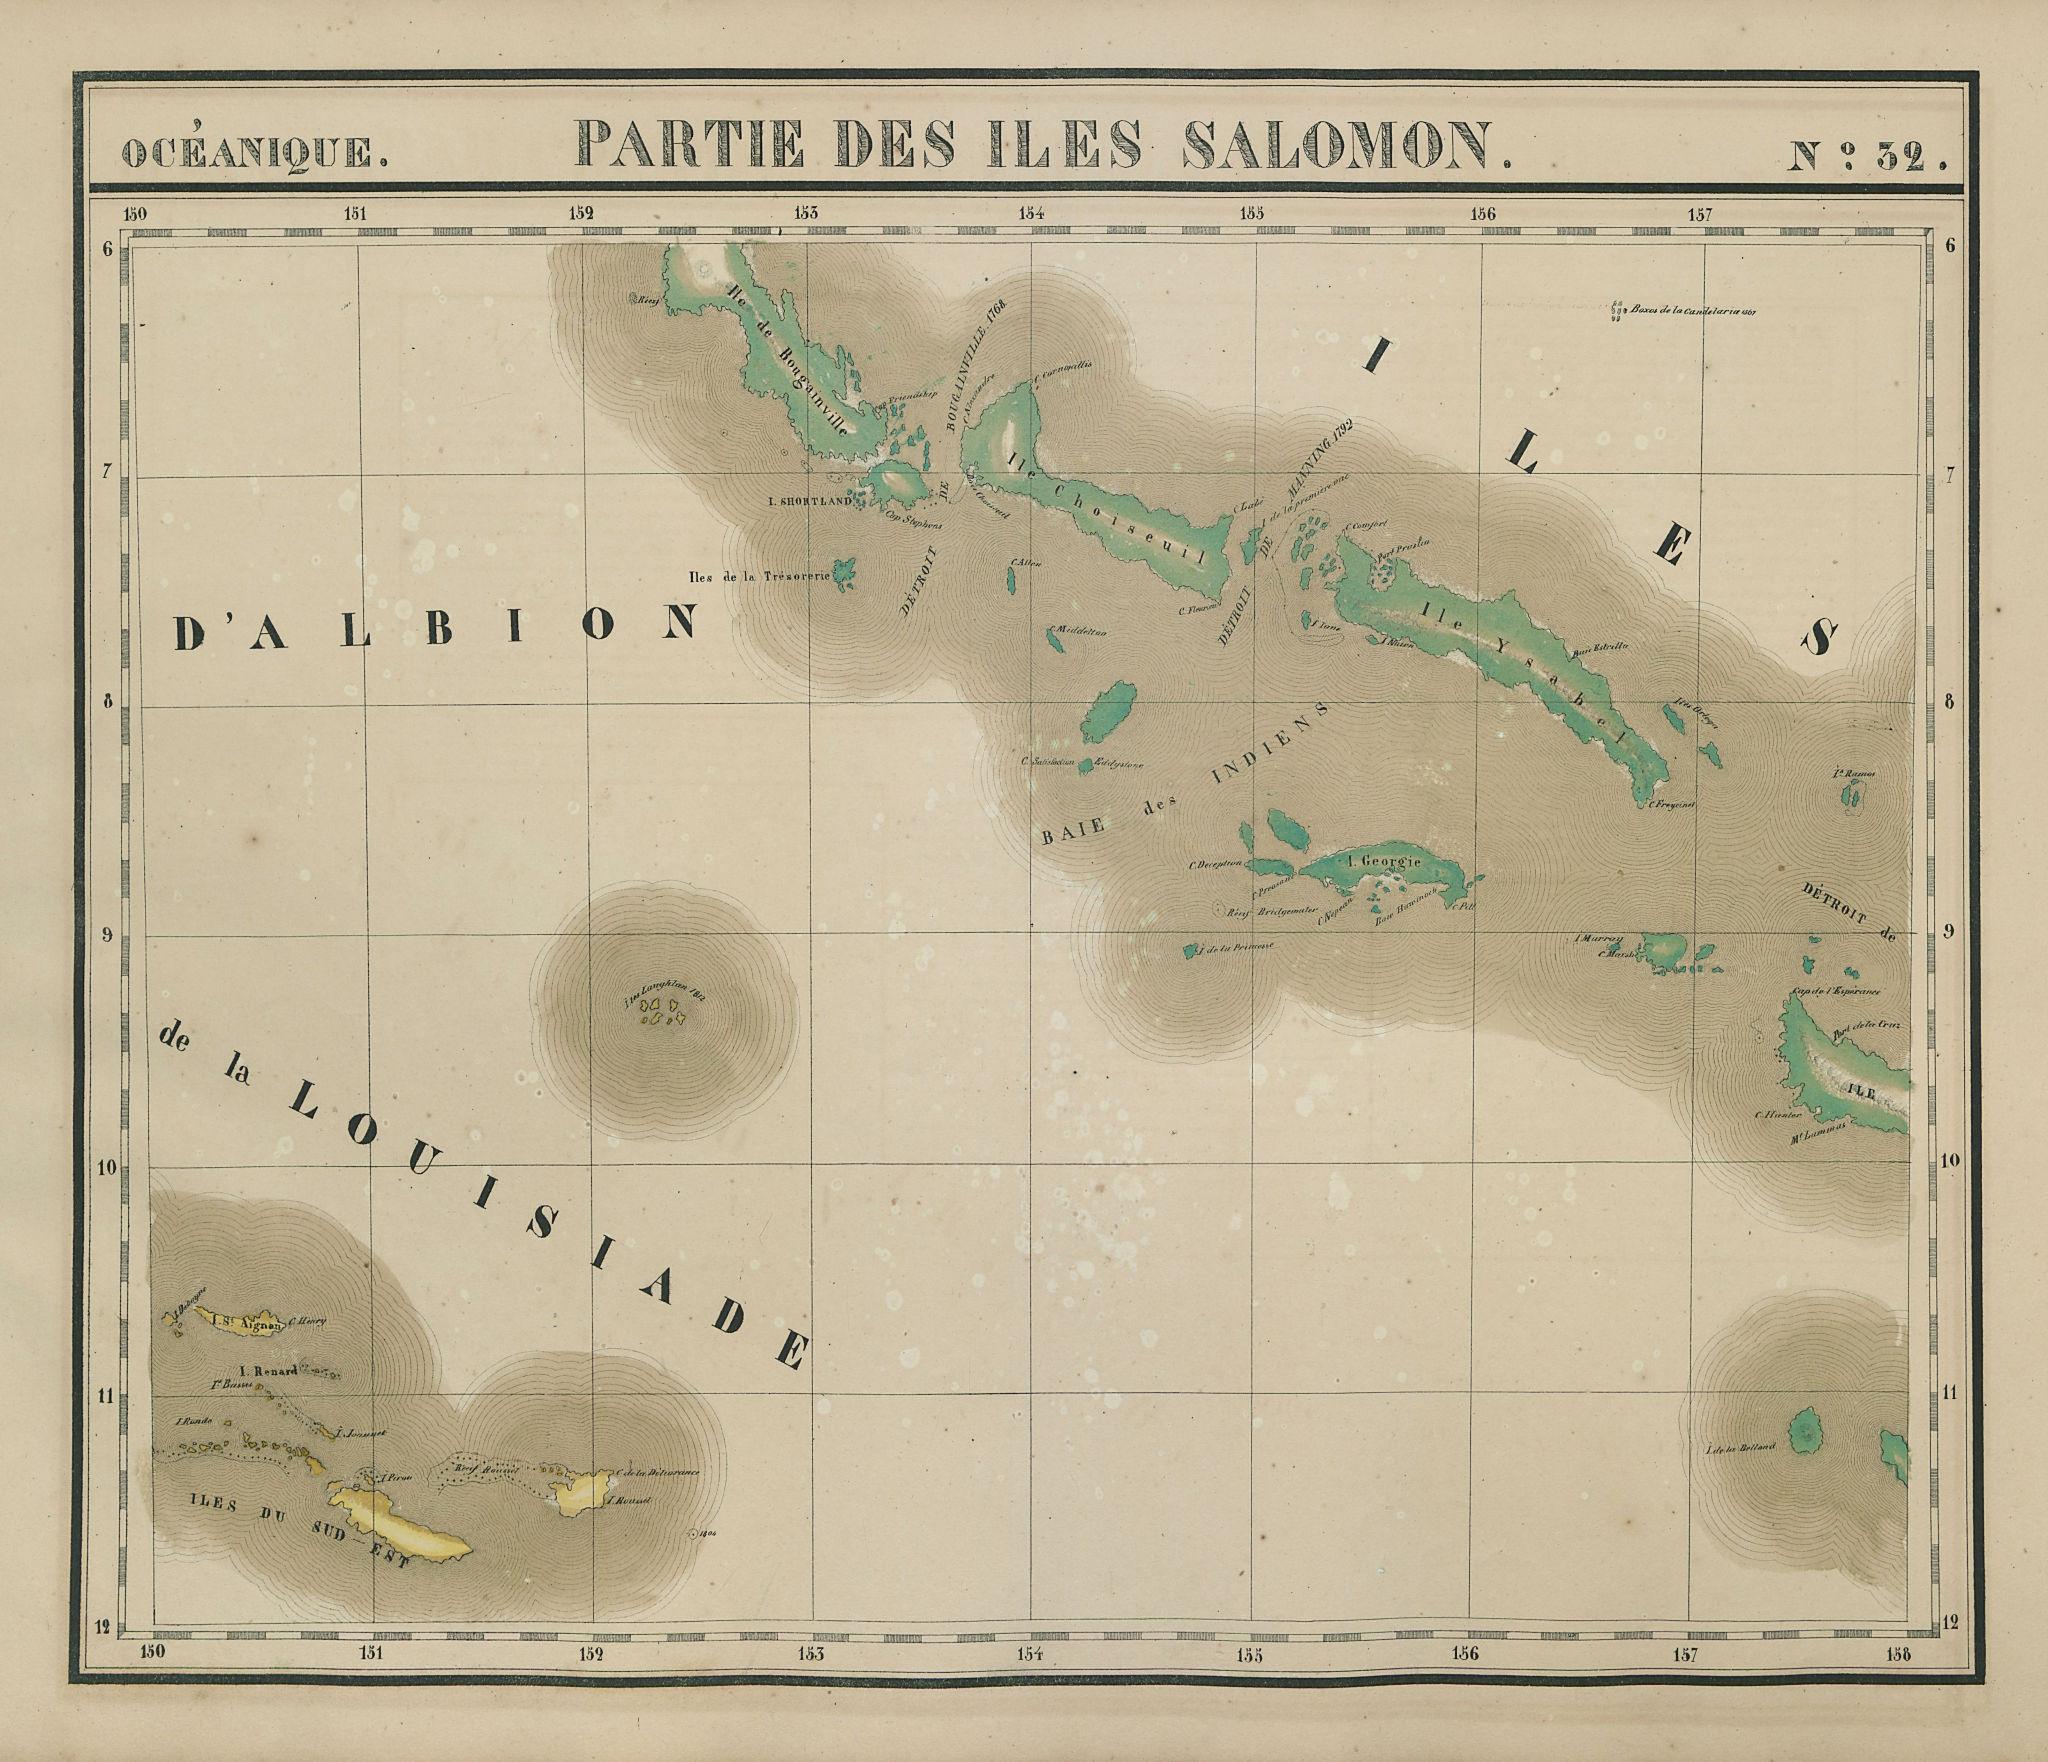 Océanique. Partie des Iles Salomon #32. Solomon Islands. VANDERMAELEN 1827 map